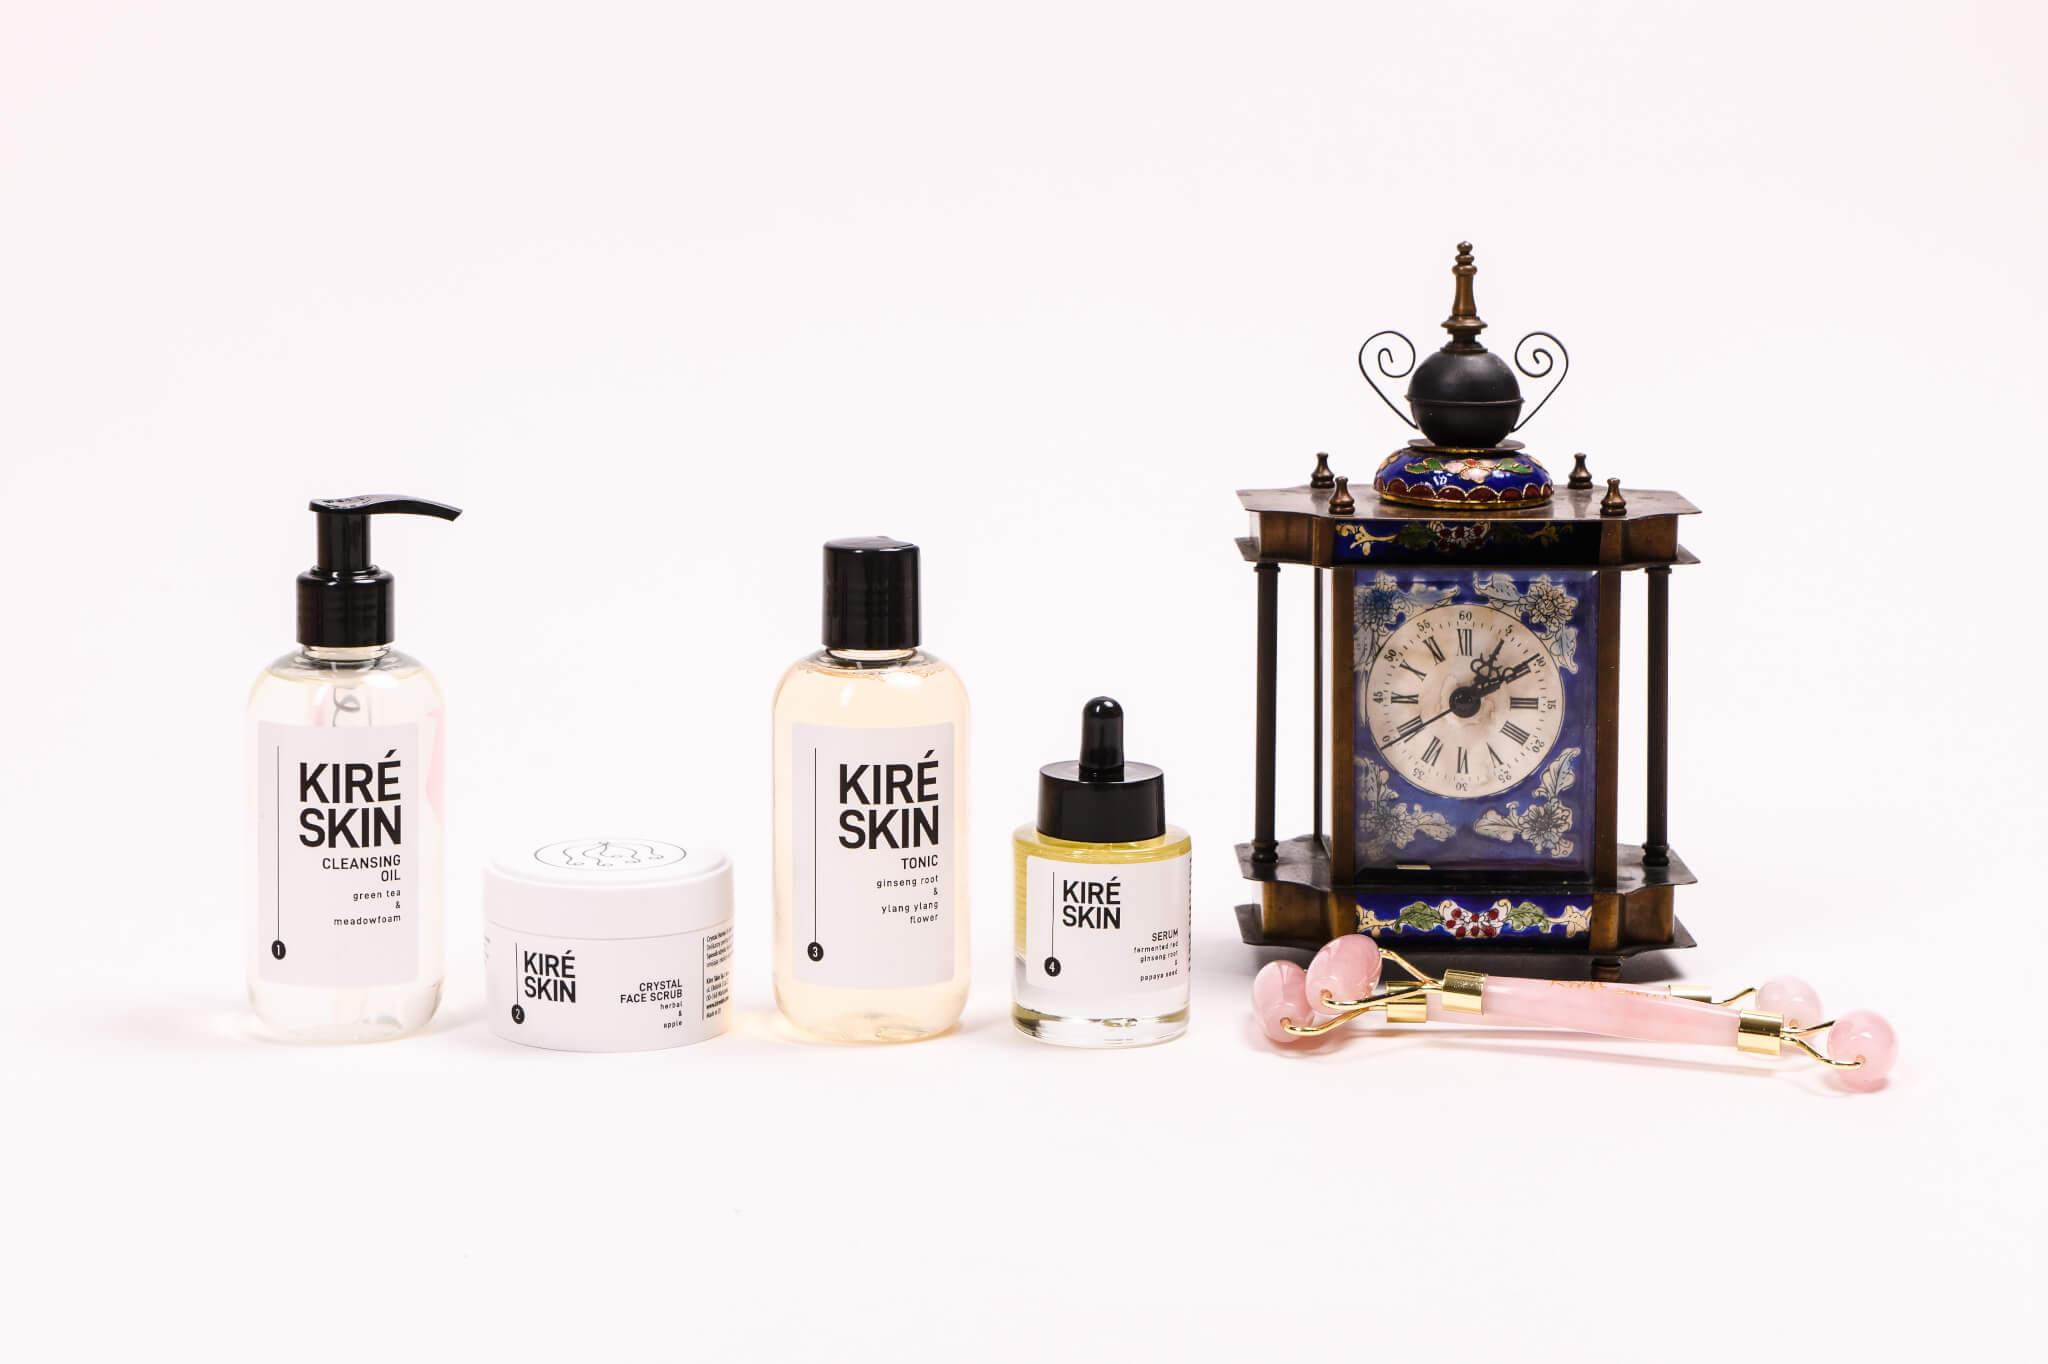 packaging of Kire Skin